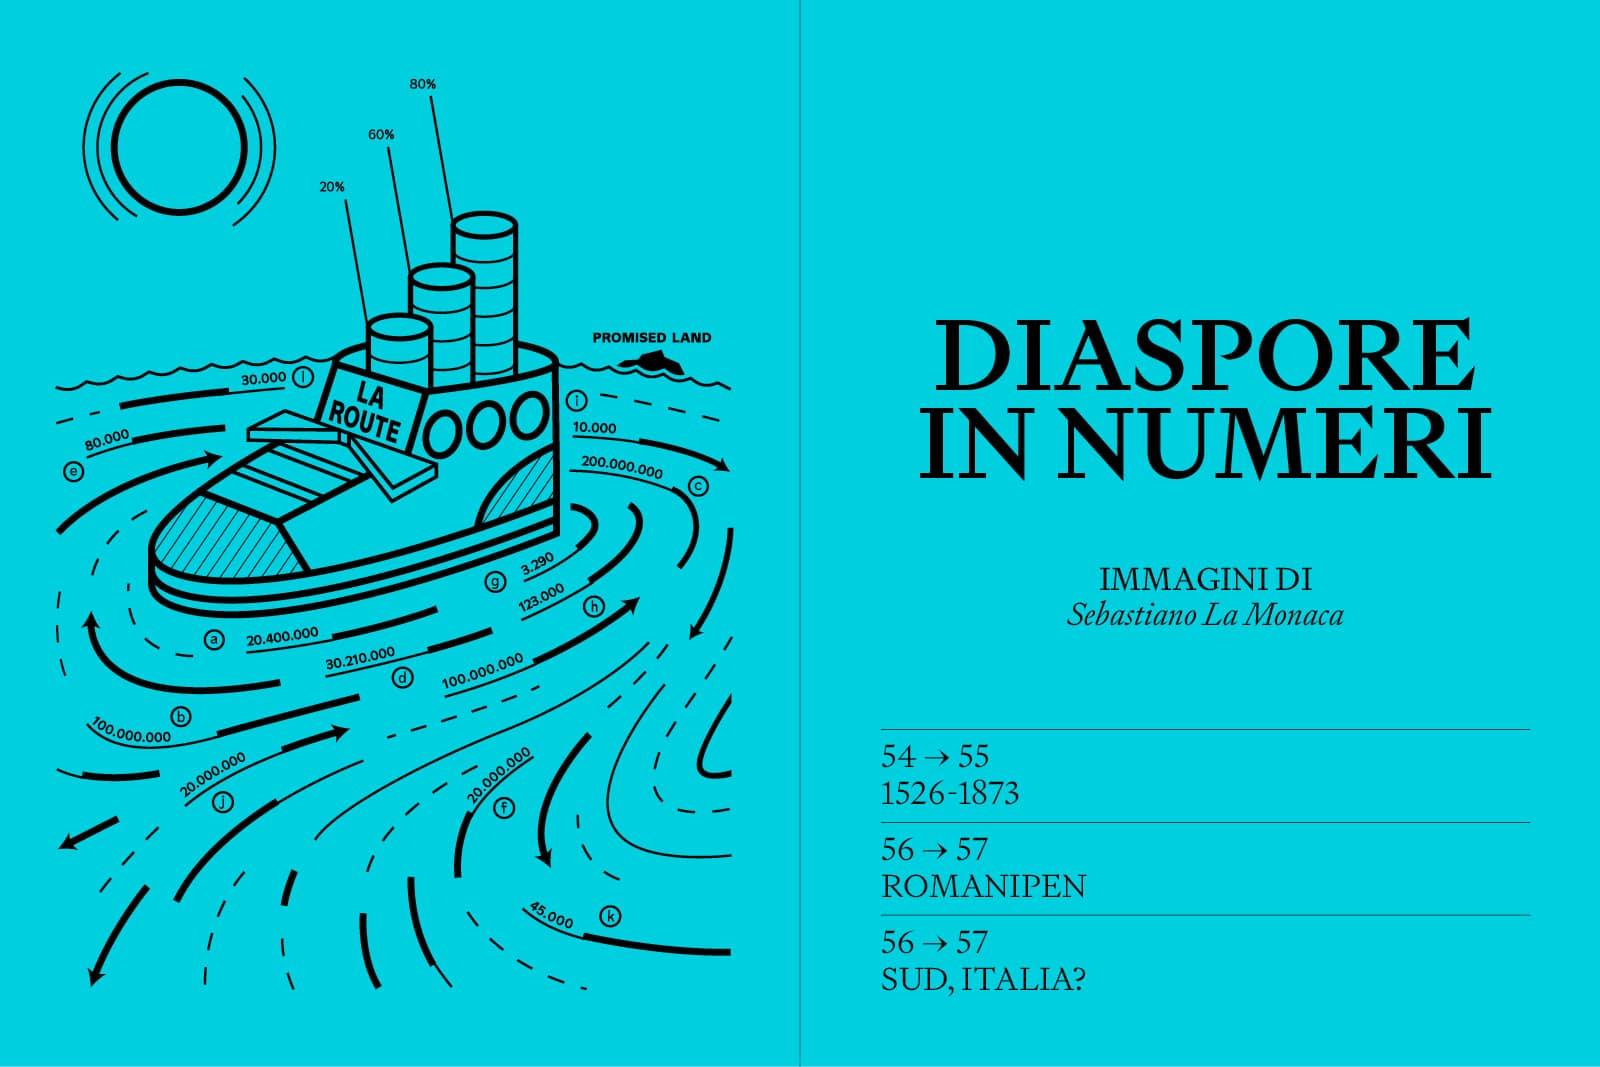 Diaspore in numeri (infografiche)